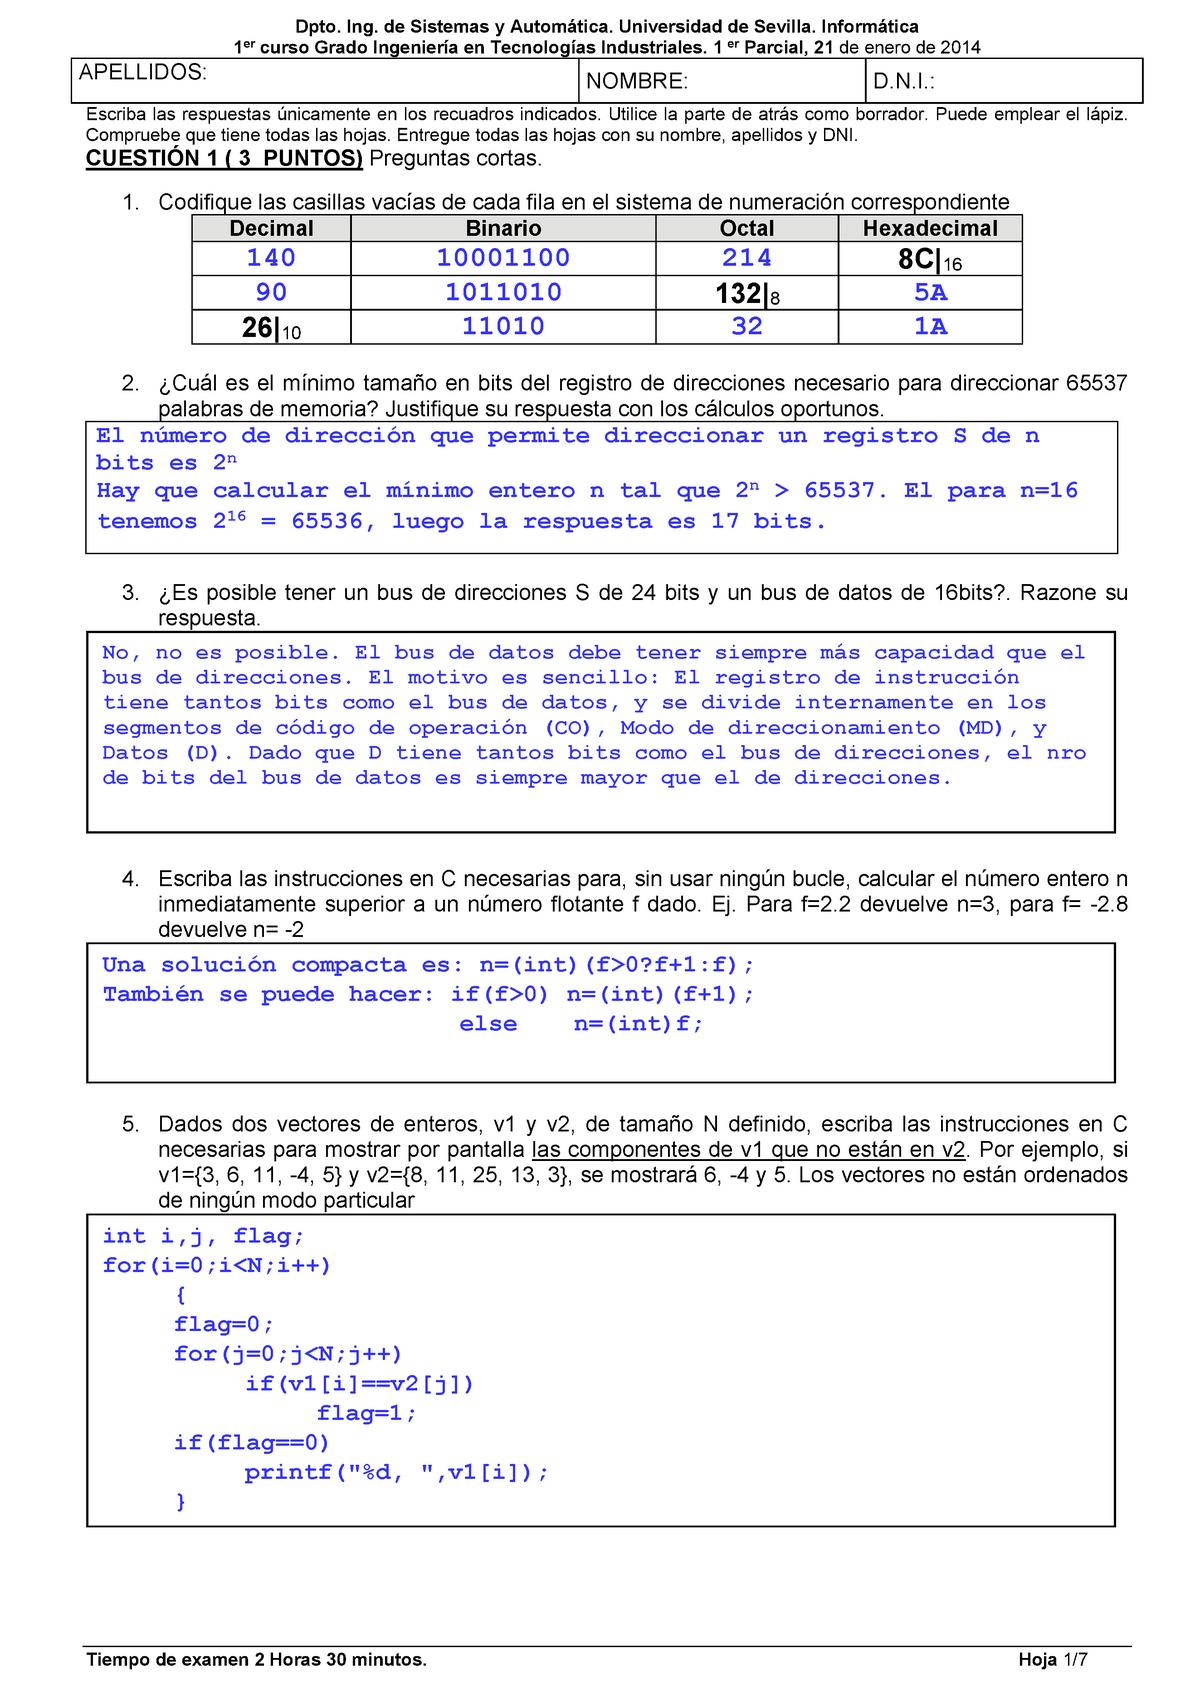 Examen 21 Enero 2014 Preguntas Y Respuestas Studocu